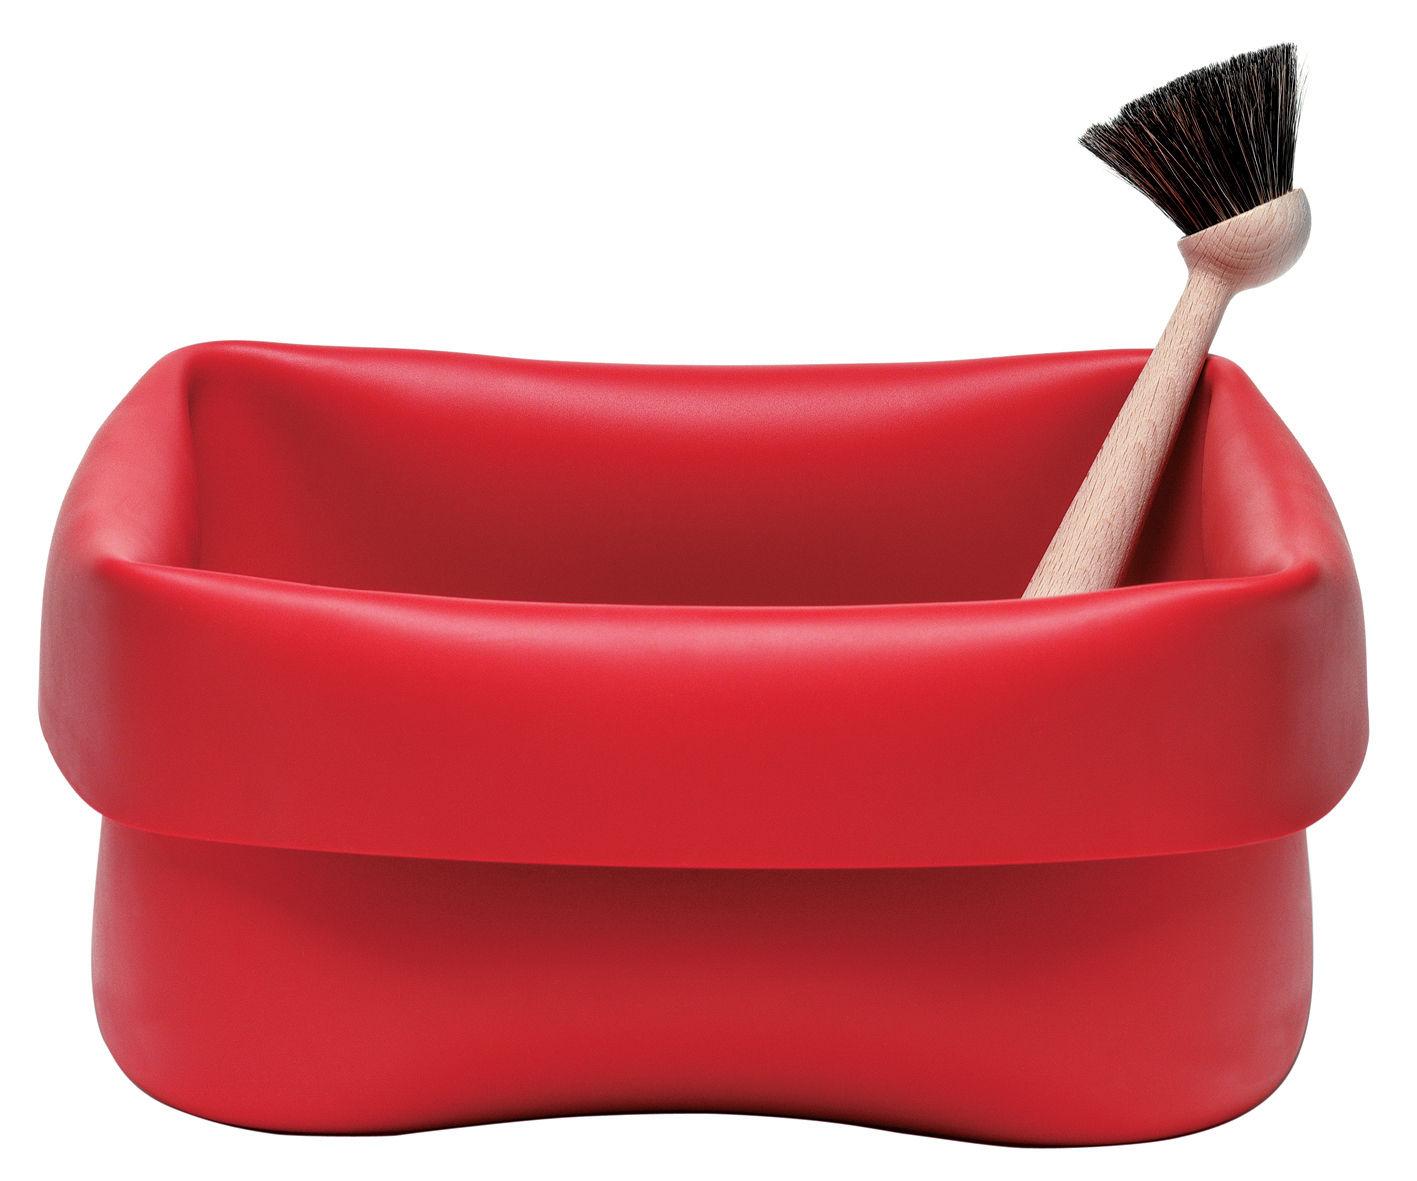 Bassine washing up bowl en caoutchouc avec brosse rouge for Bassine caoutchouc